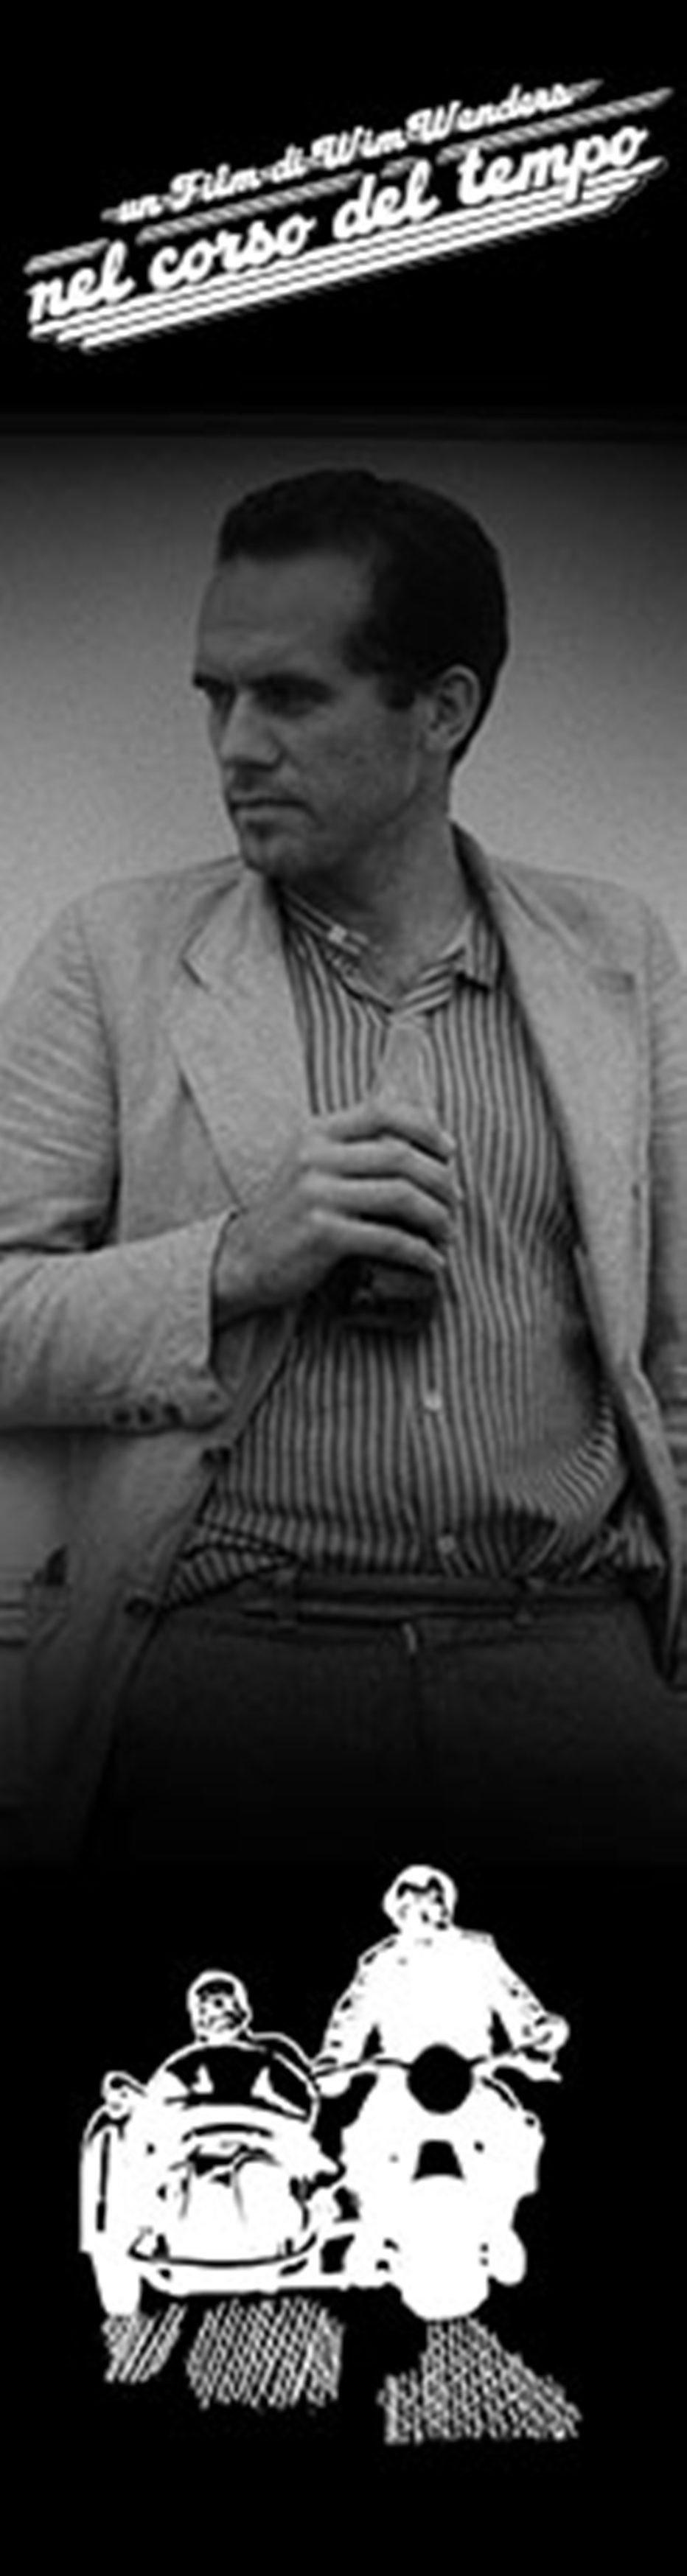 nel-corso-del-tempo-1976-Wim-Wenders-011.jpg